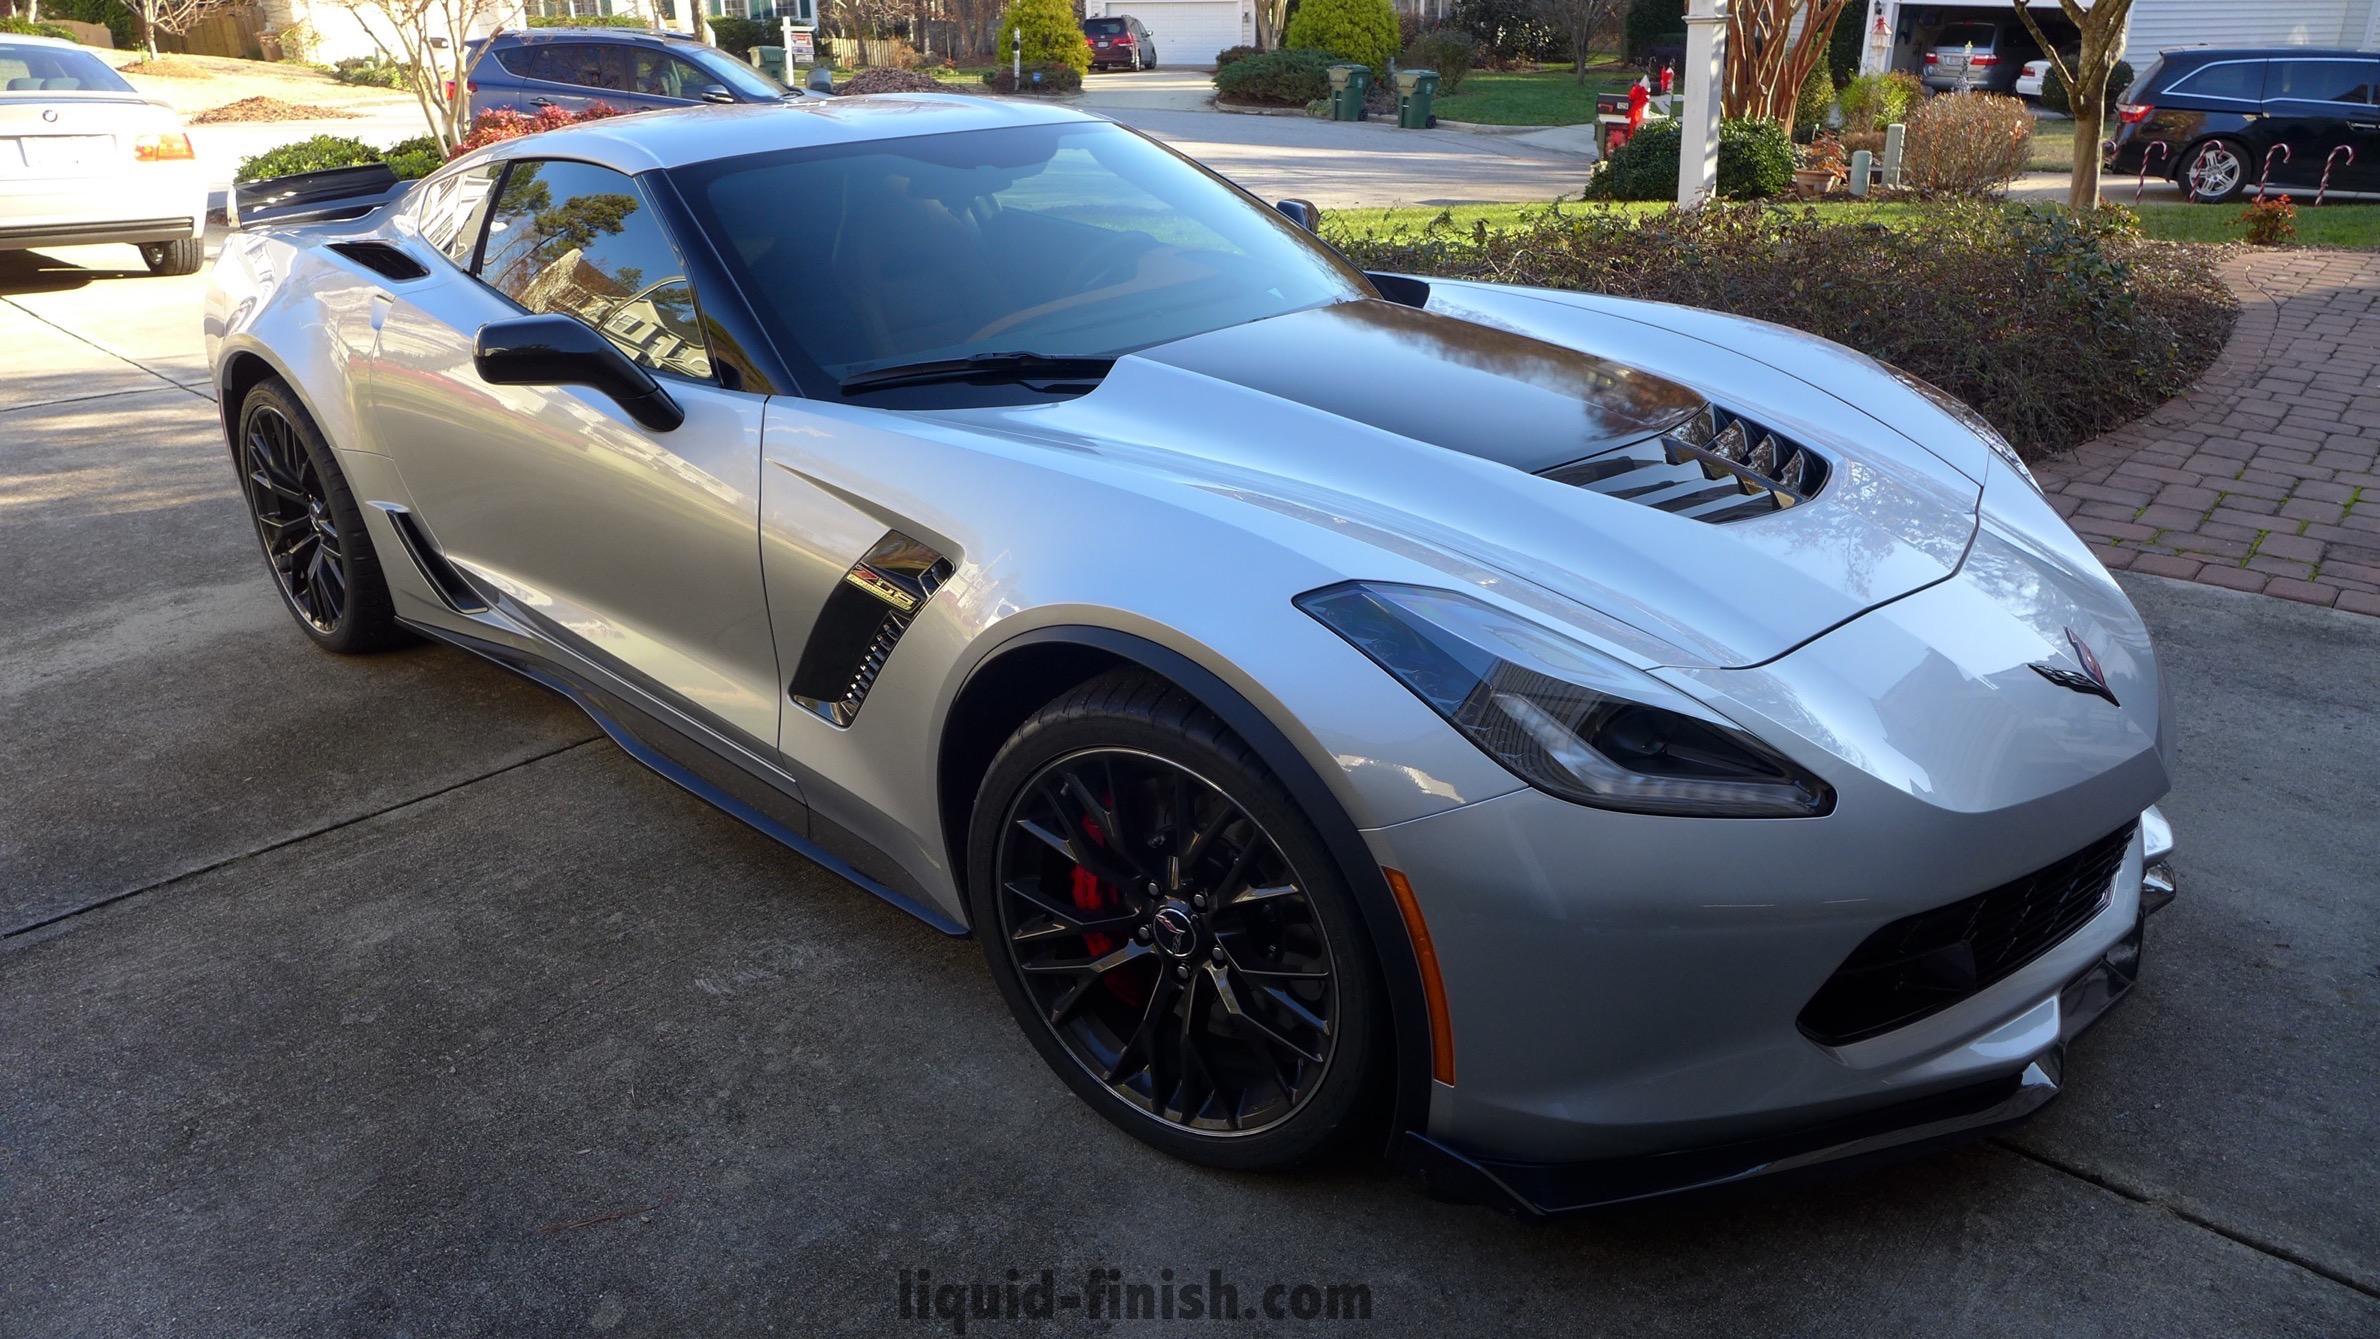 2015 Corvette Z06 Blade Silver Gloss Coat